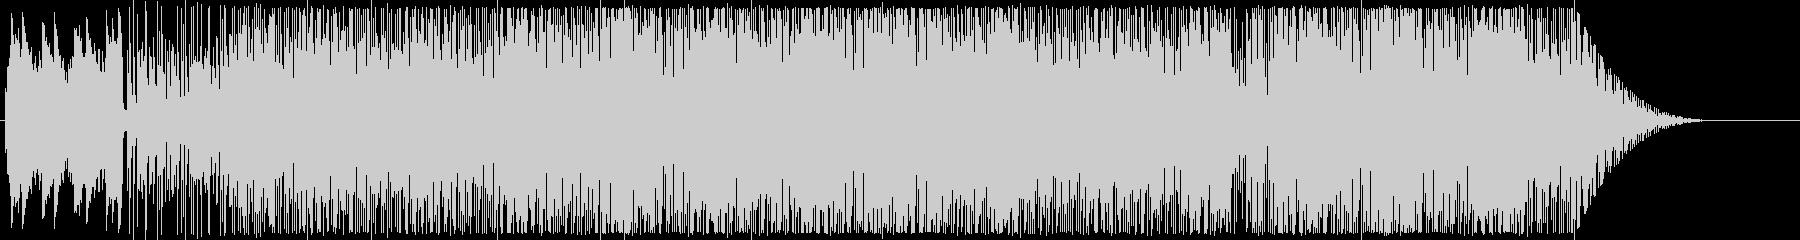 サンバっぽい雰囲気のインストの未再生の波形